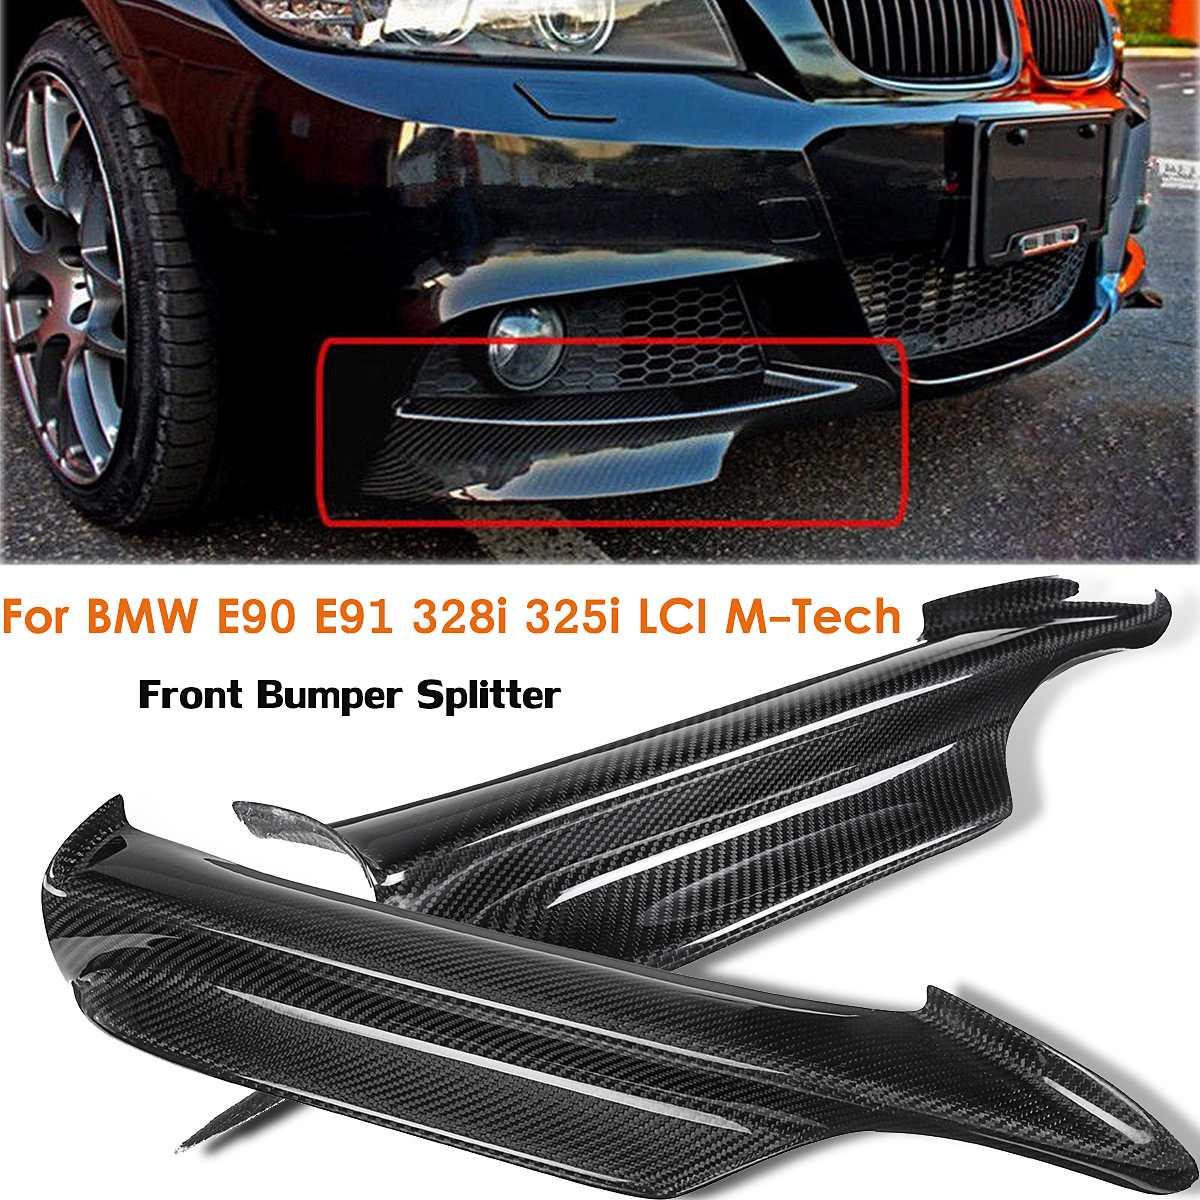 2 pièces De Pare-chocs avant en Fiber de Carbone Séparateur Pour BMW E90 E91 328i 325i LCI M-tech 2005 2006 2007 2008